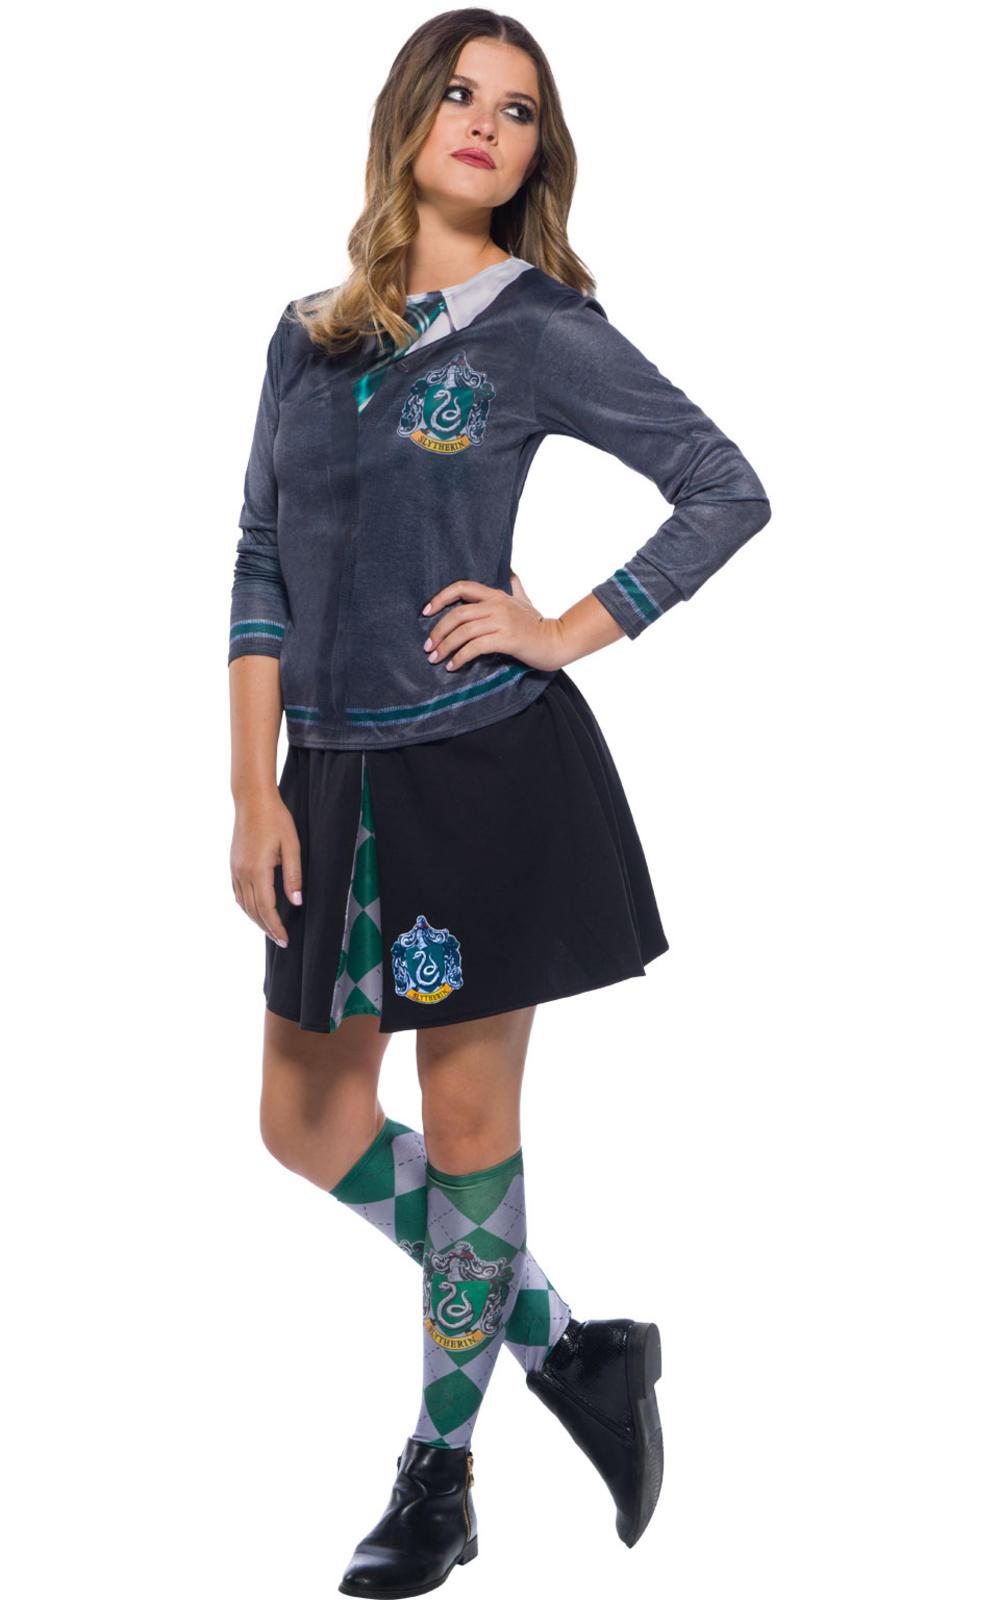 Slytherin Ladies Costume Top